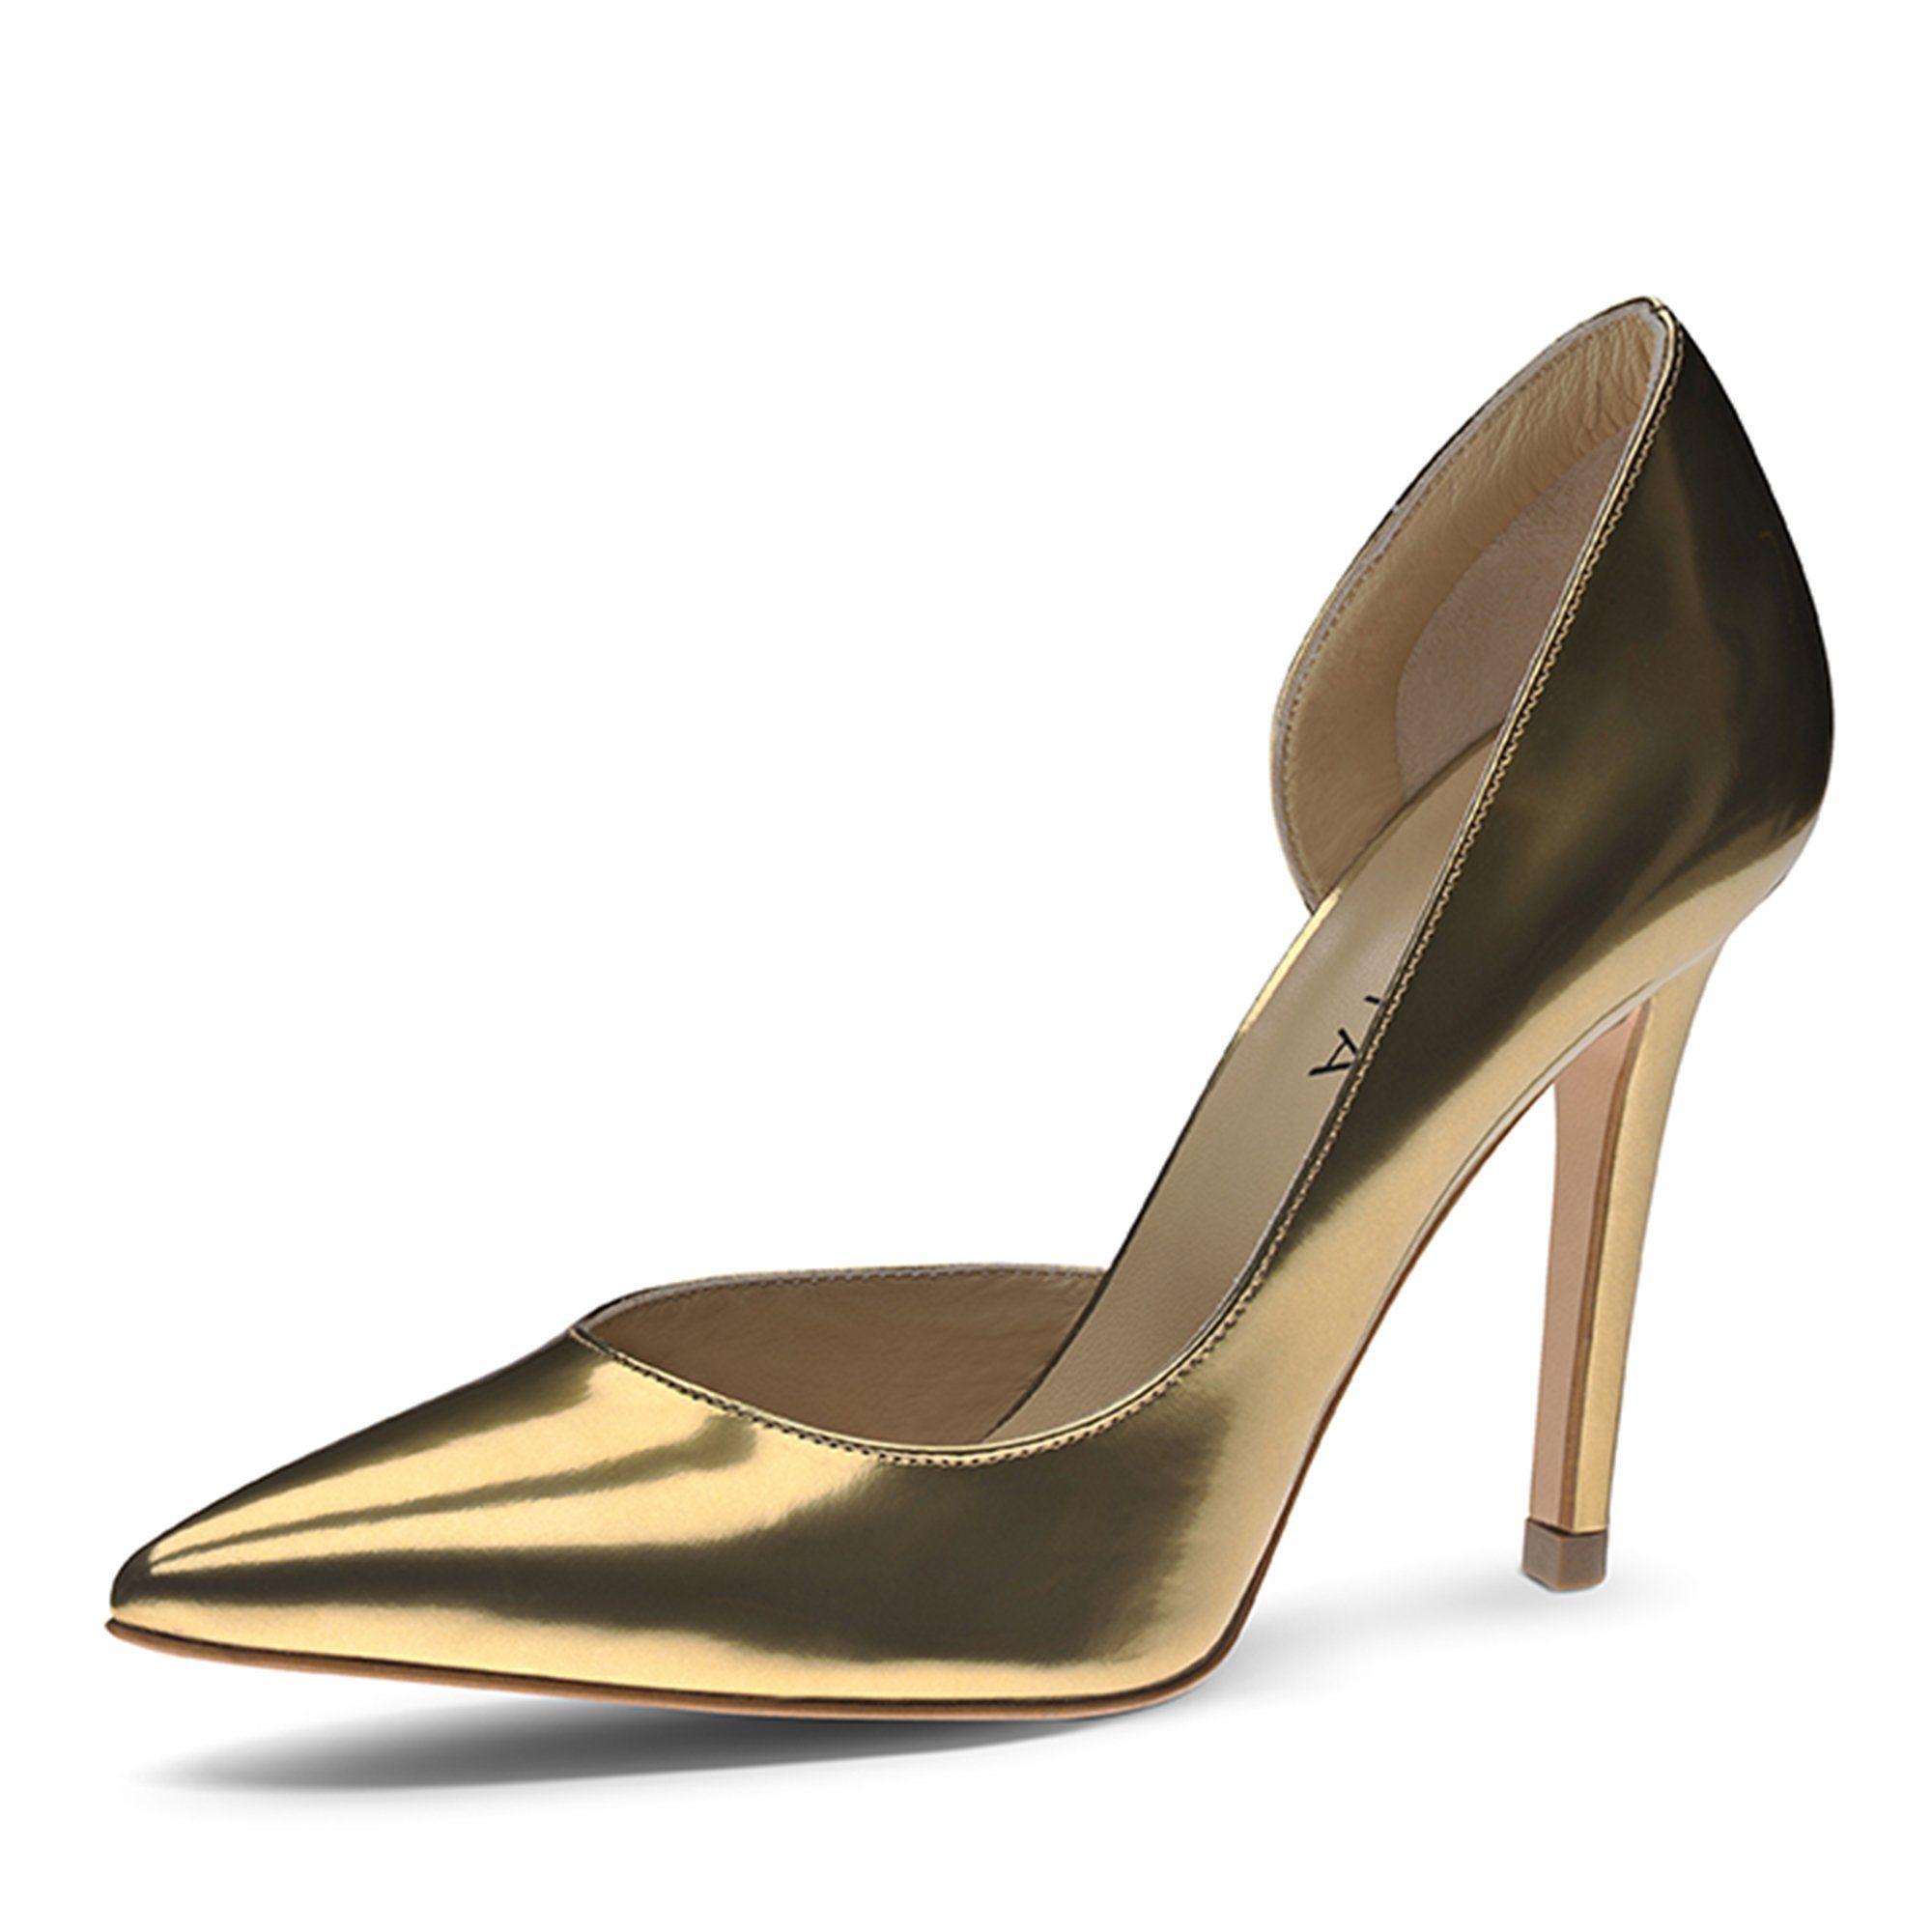 Evita ALINA Pumps online kaufen  goldfarben